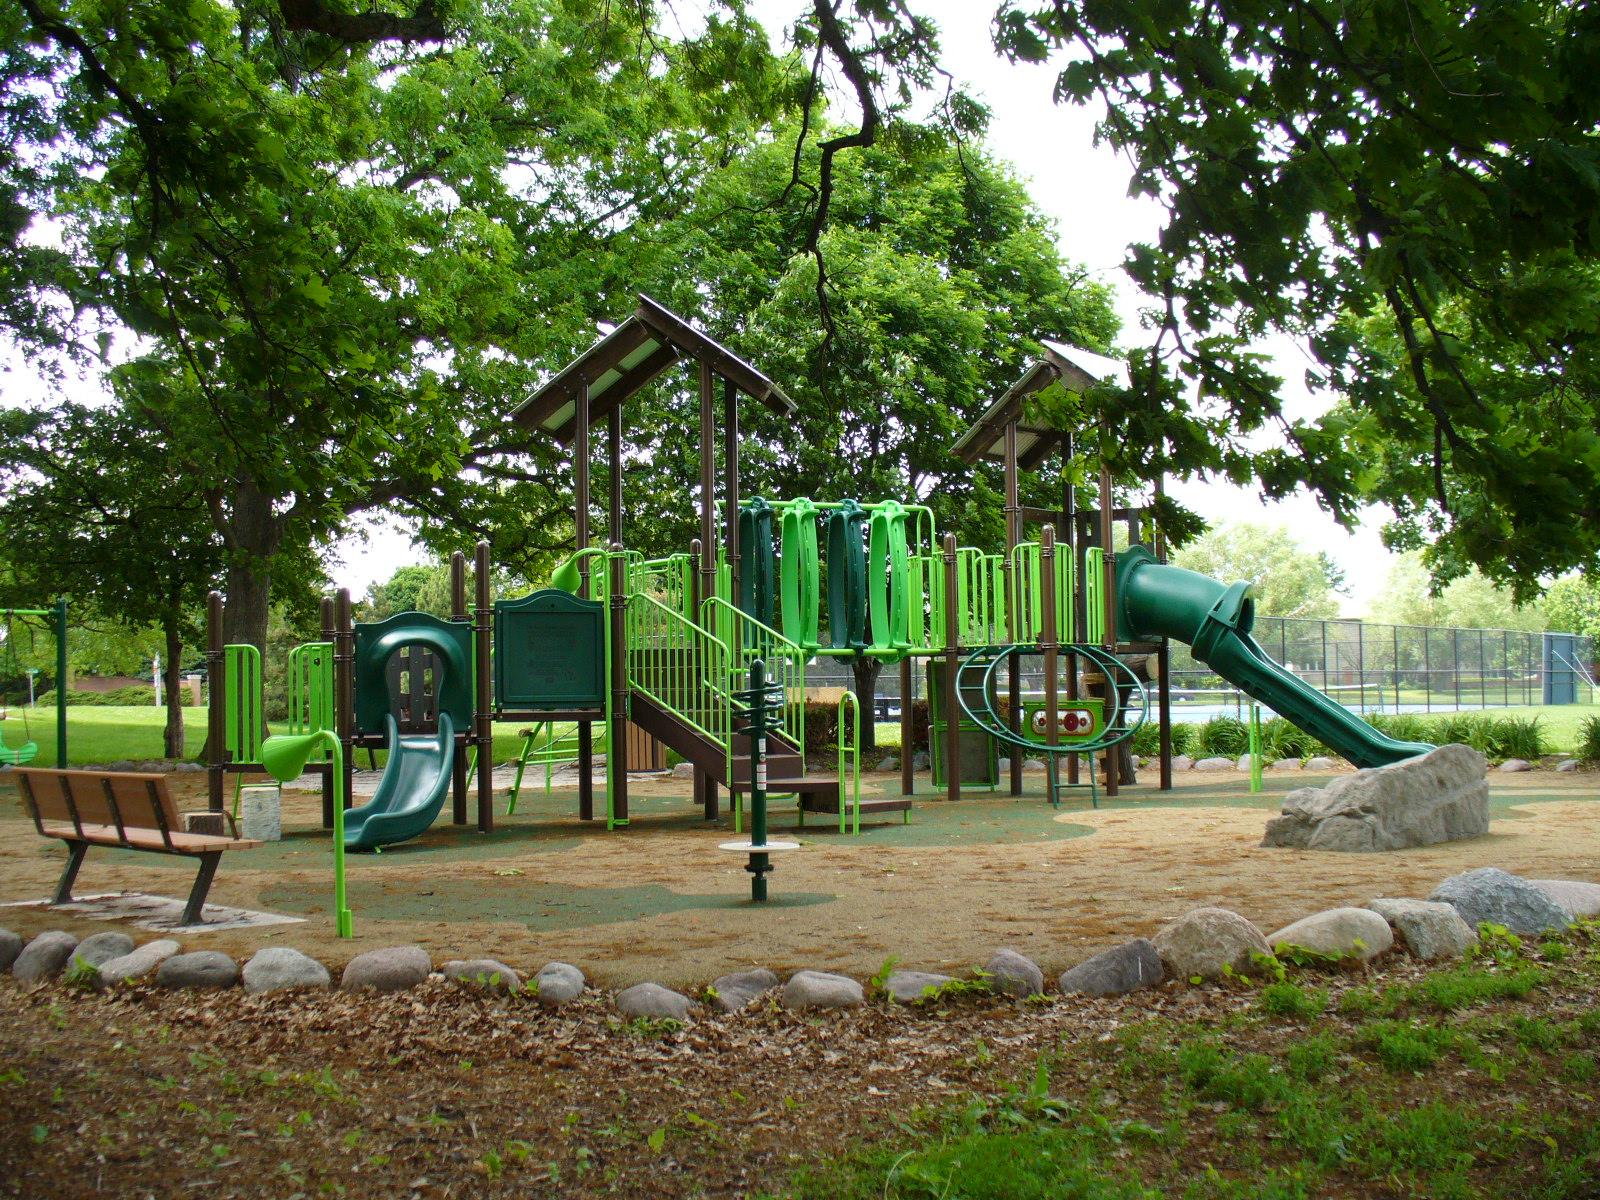 www.oswegolandparkdistrict.org